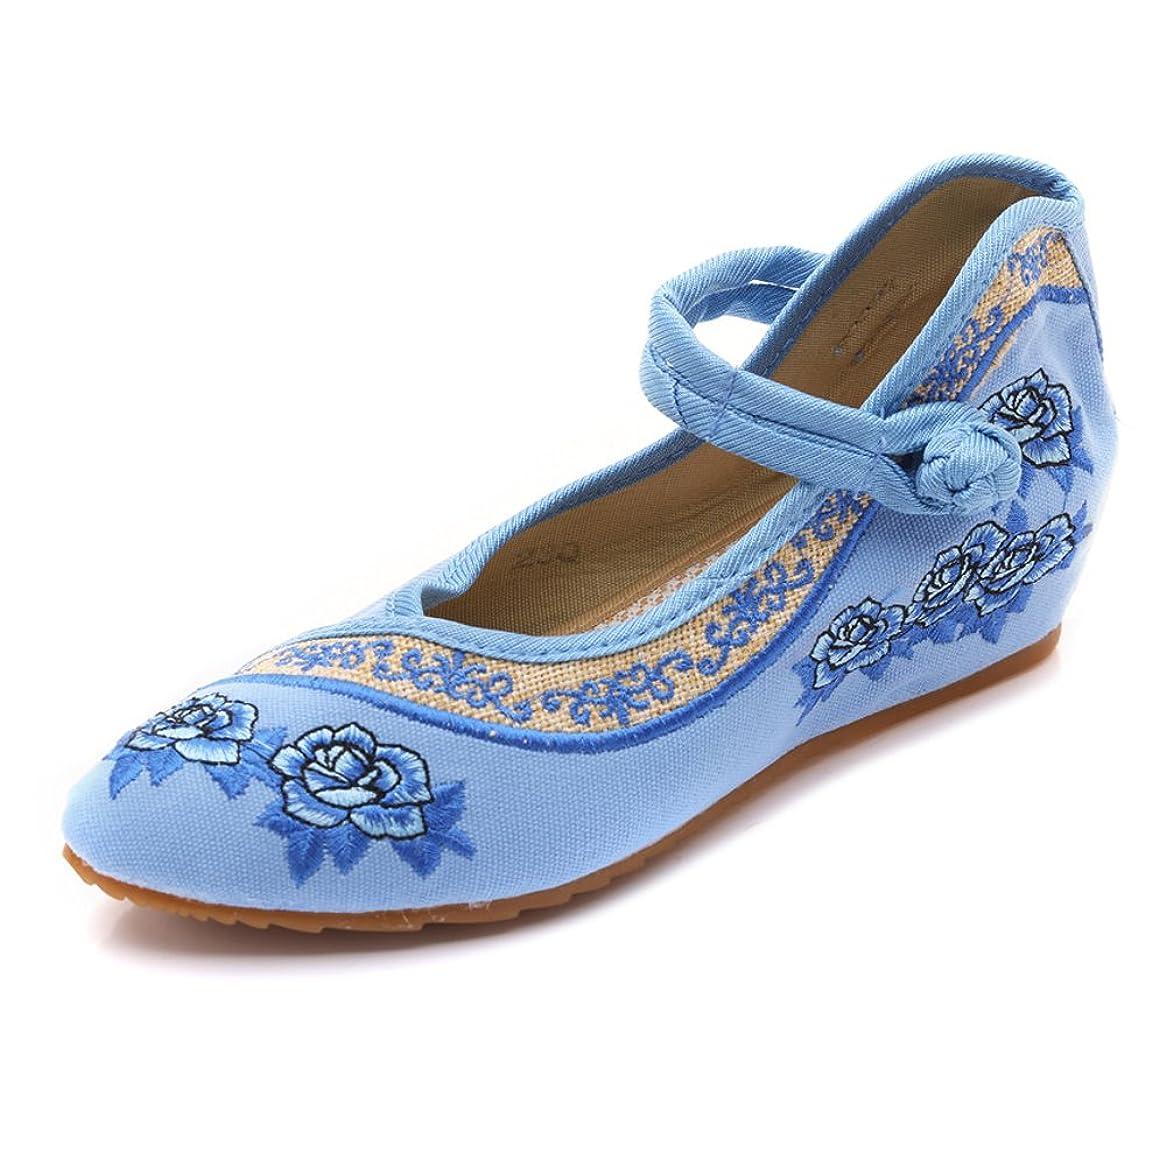 スローダイアクリティカル胚[Fanwer] 女性メアリージェーンクラシックスローズ刺繍中国靴ミュールフラット